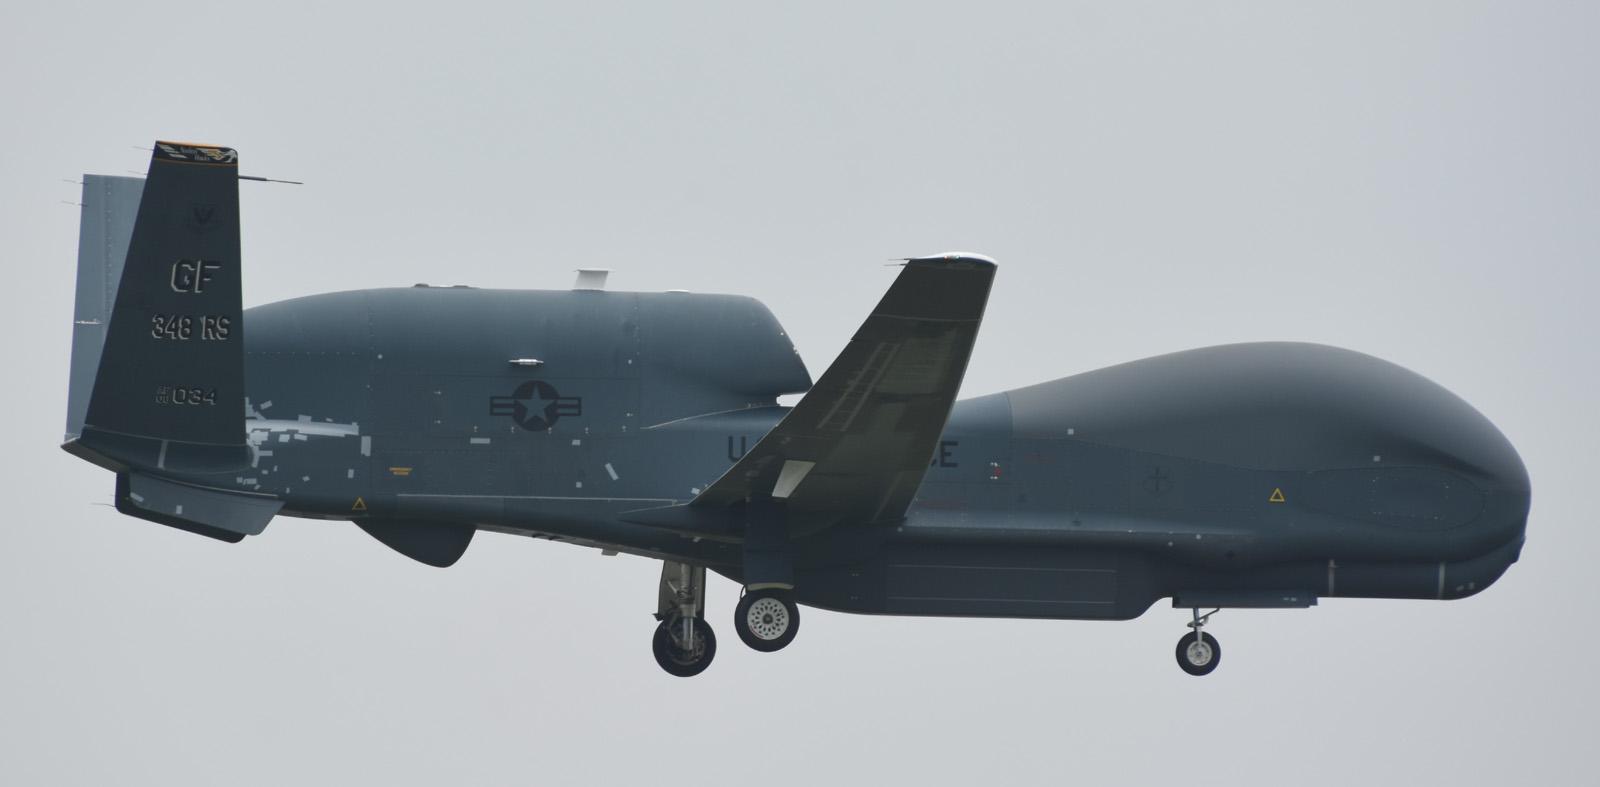 Global170629g166